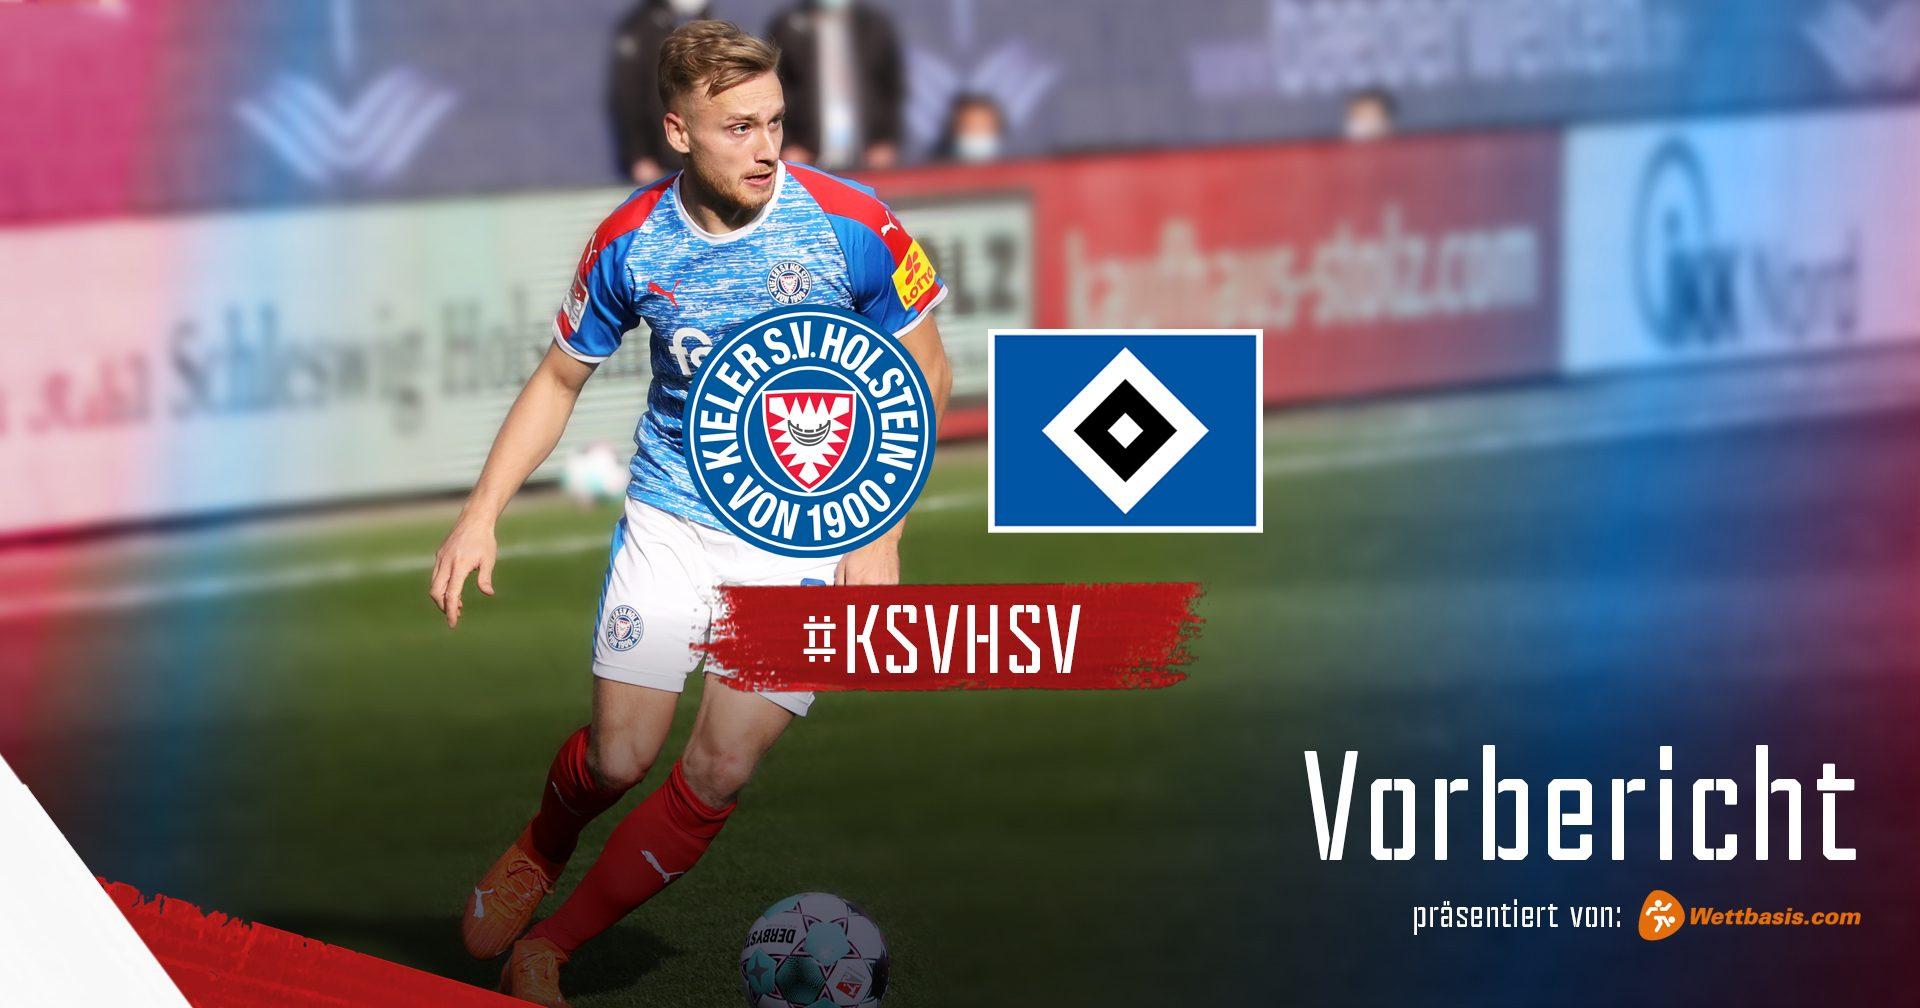 Vorbericht_KSVHSV